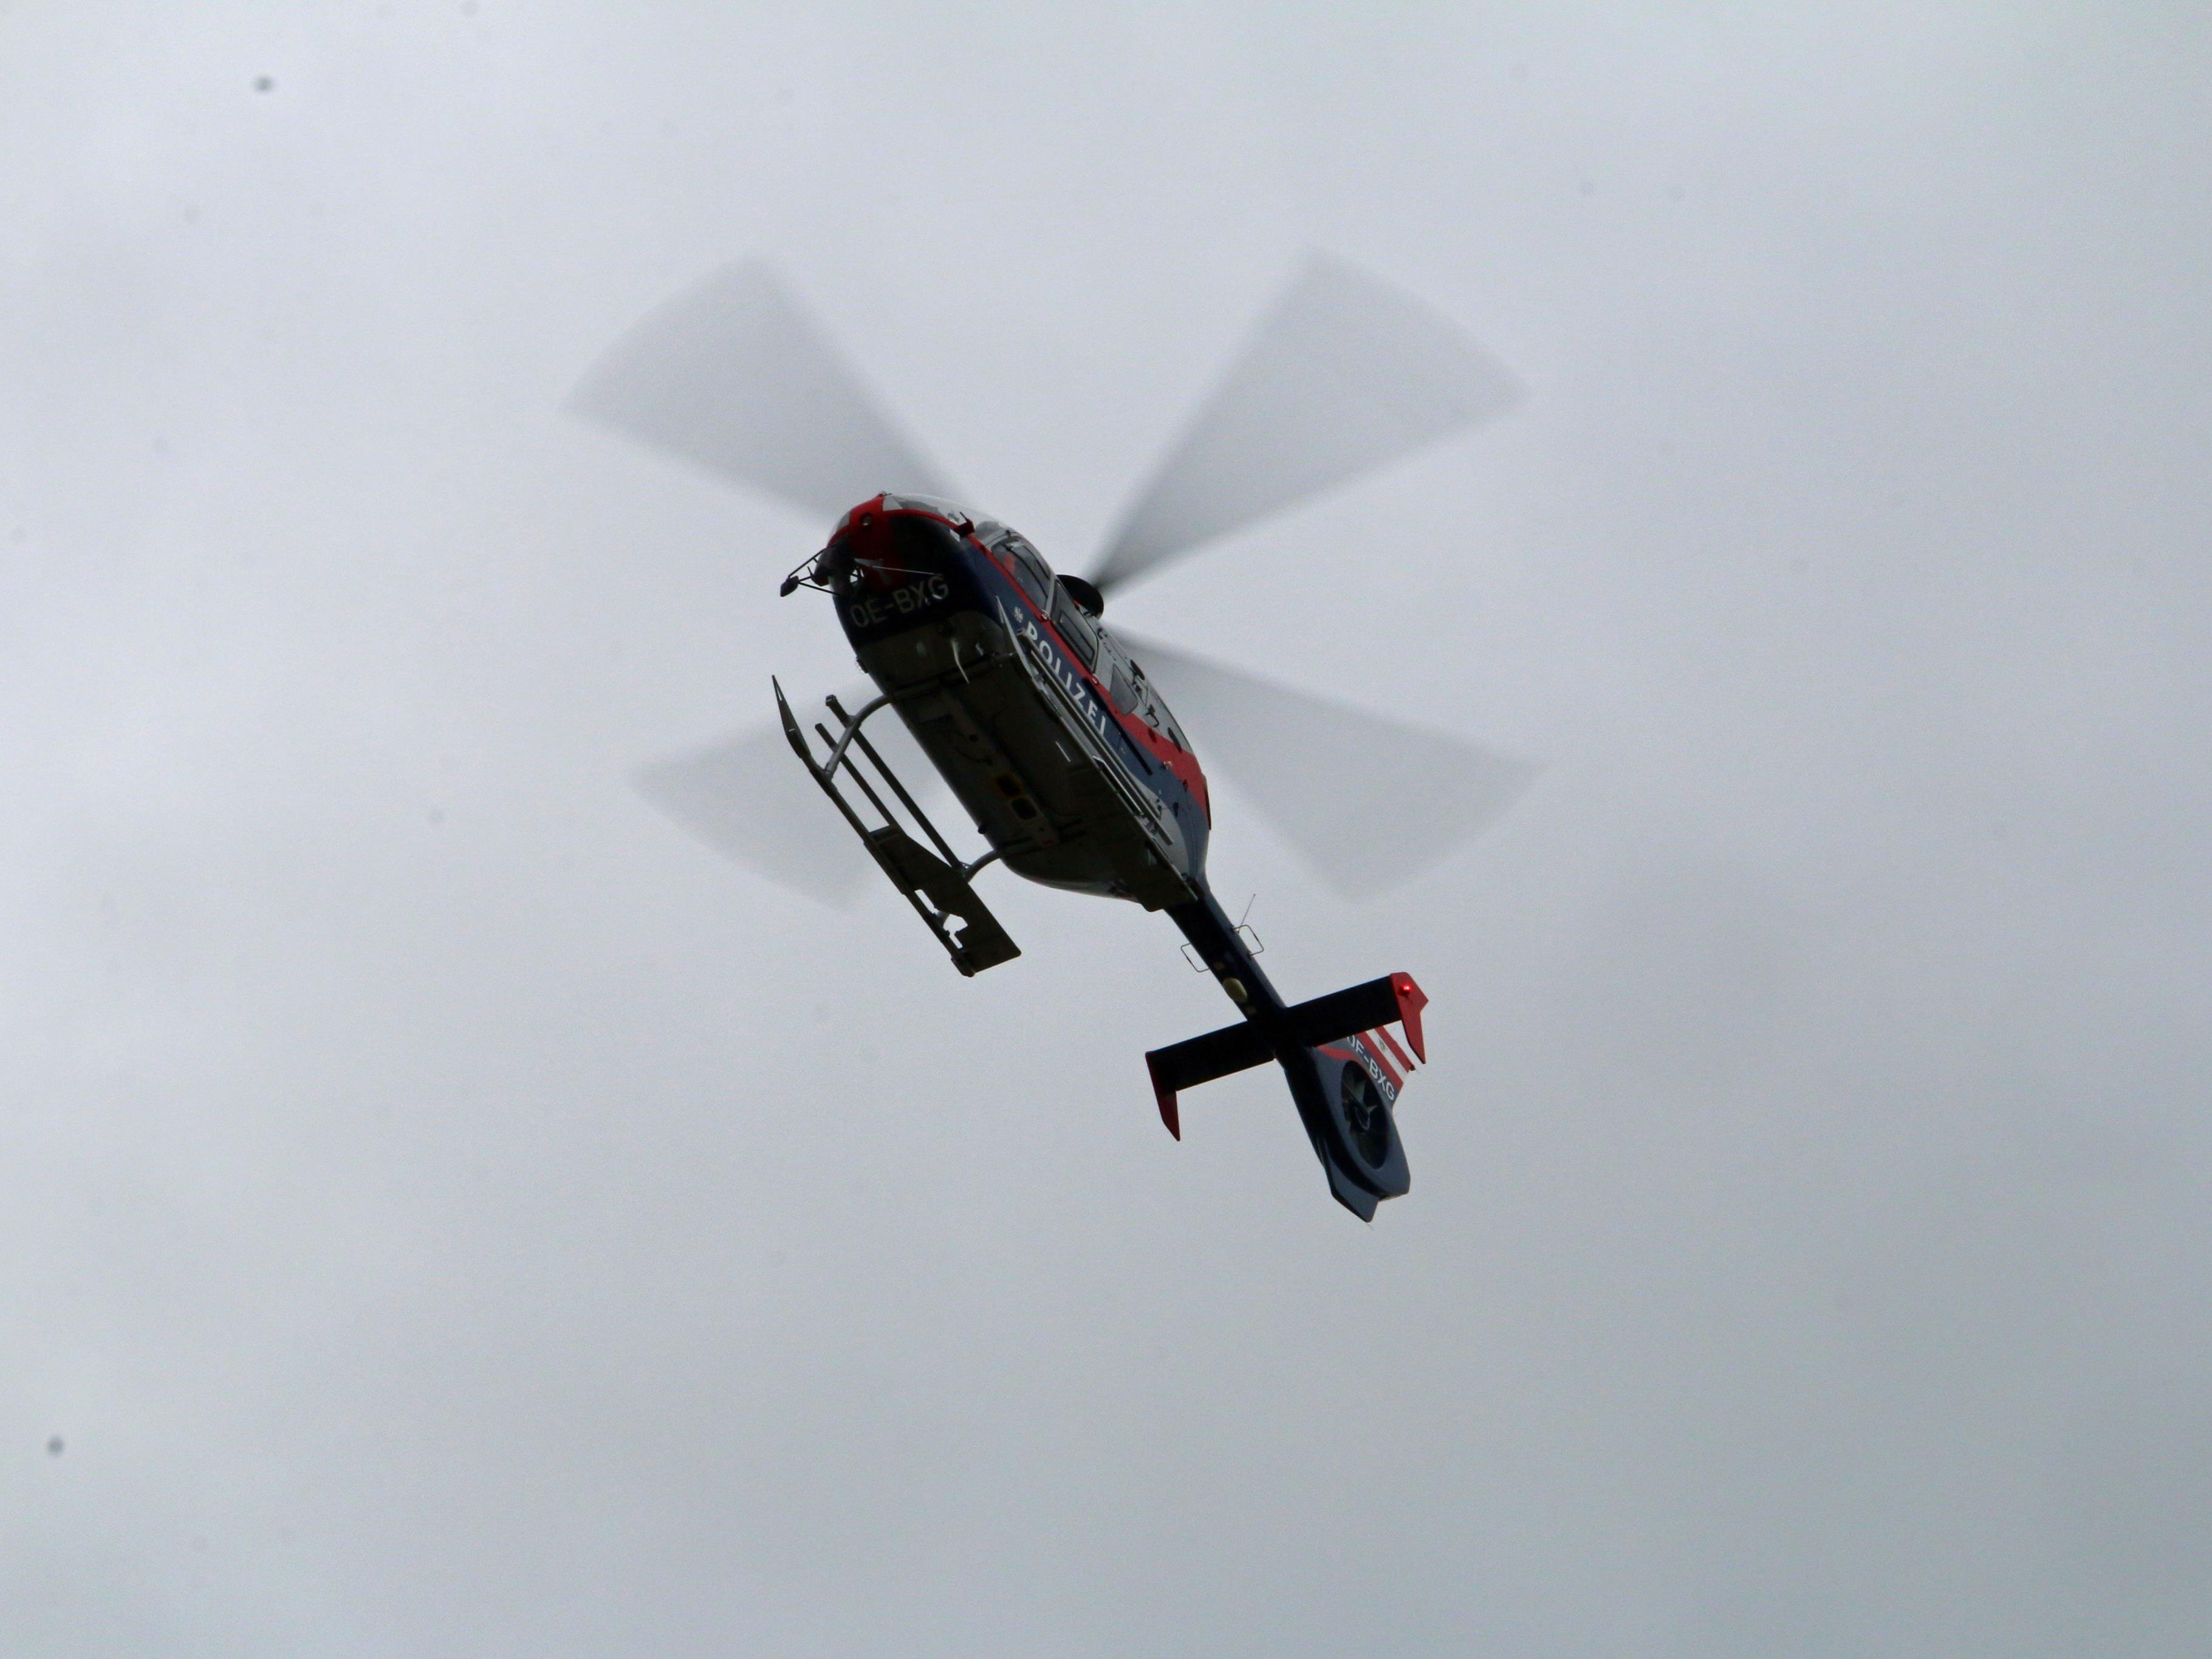 Zwei Frauen mussten beim Wandern in Vorarlberg vom Hubschrauber geborgen werden. Sie kamen vom Weg ab, eine von ihnen verletzte sich am Fuß.